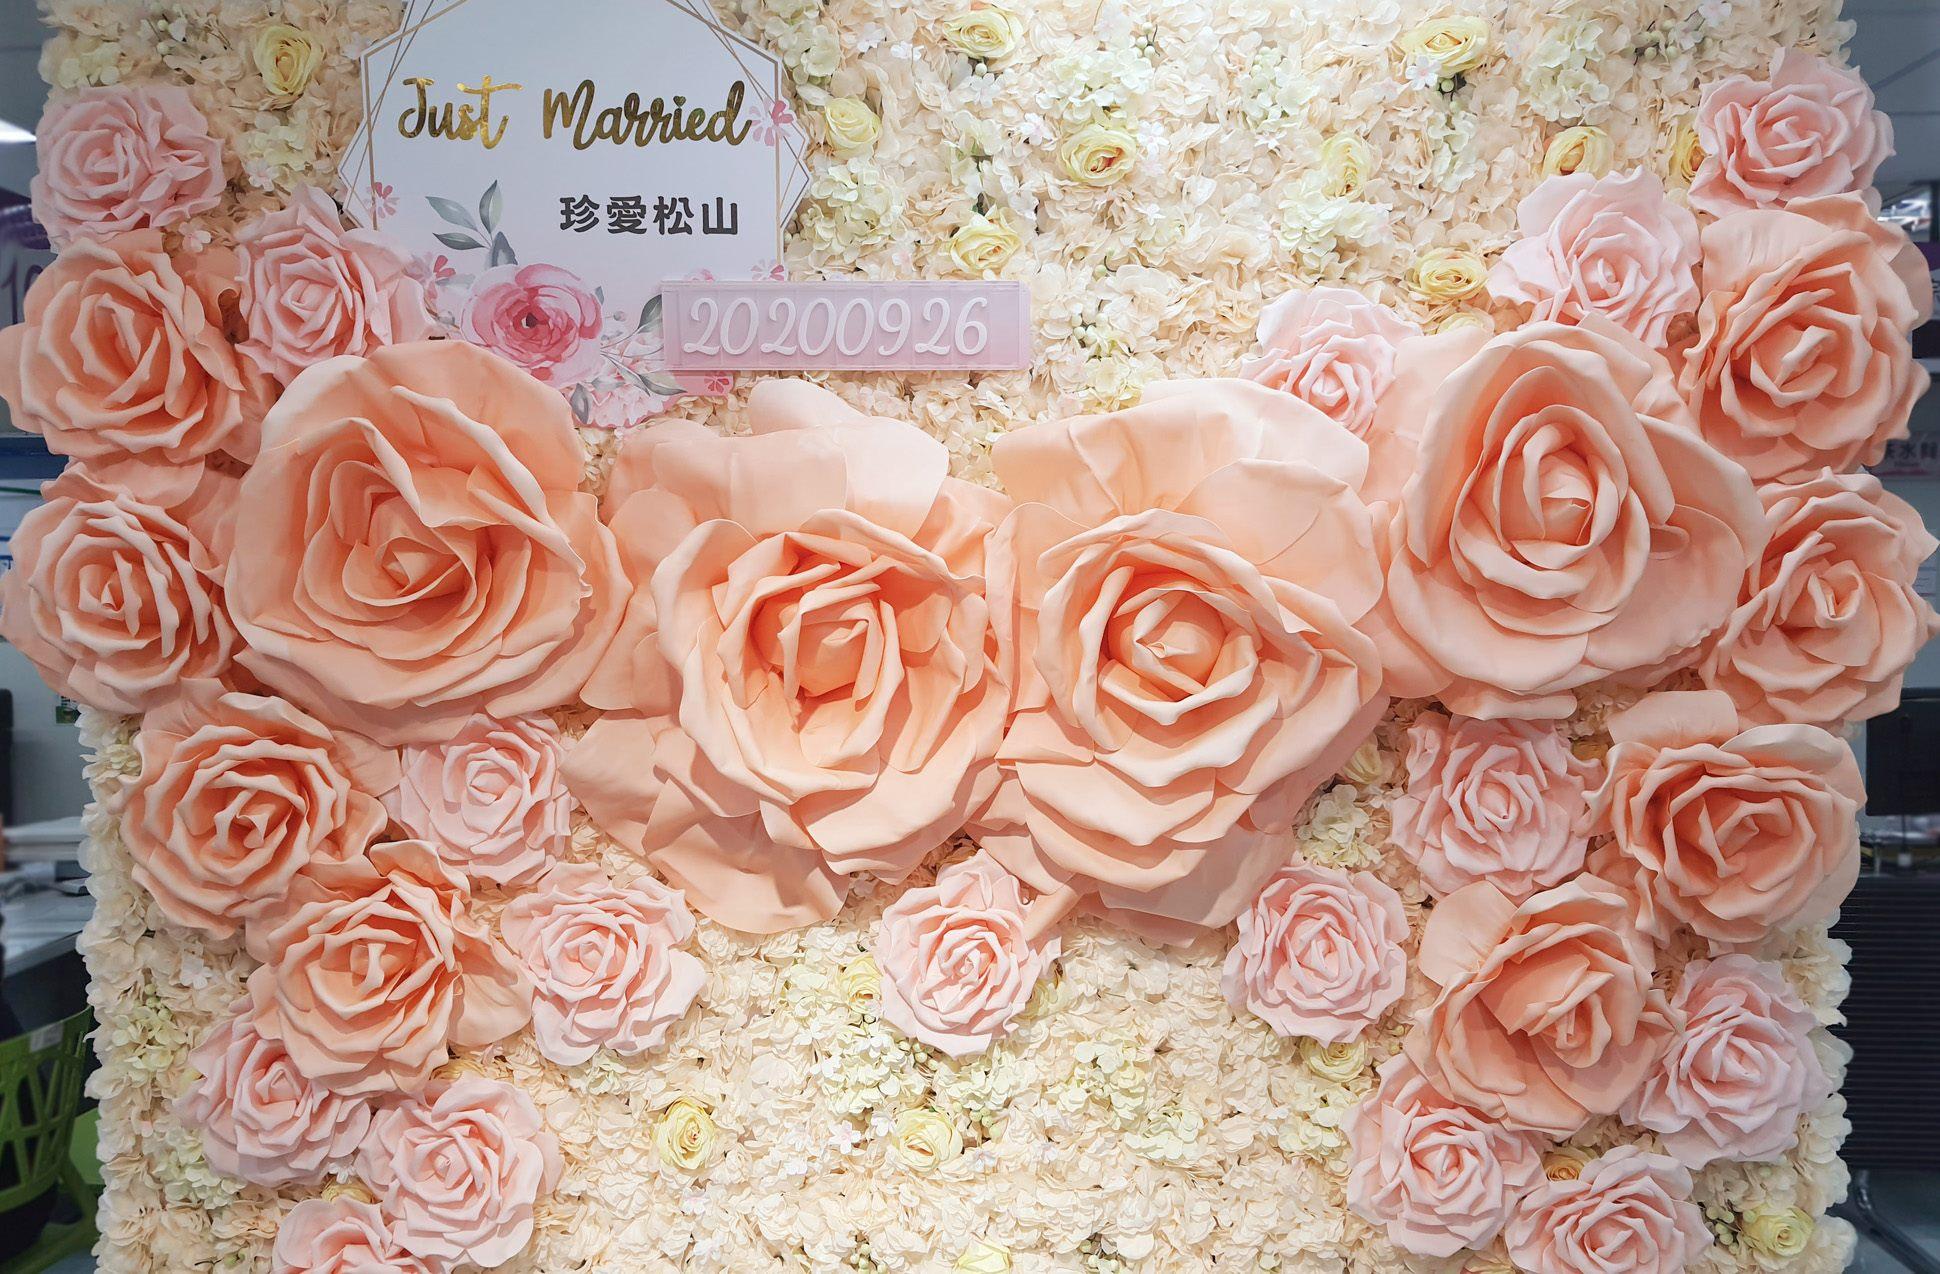 臺北市松山區戶政事務所_綻放的玫瑰是我心跳的聲音(另開視窗)